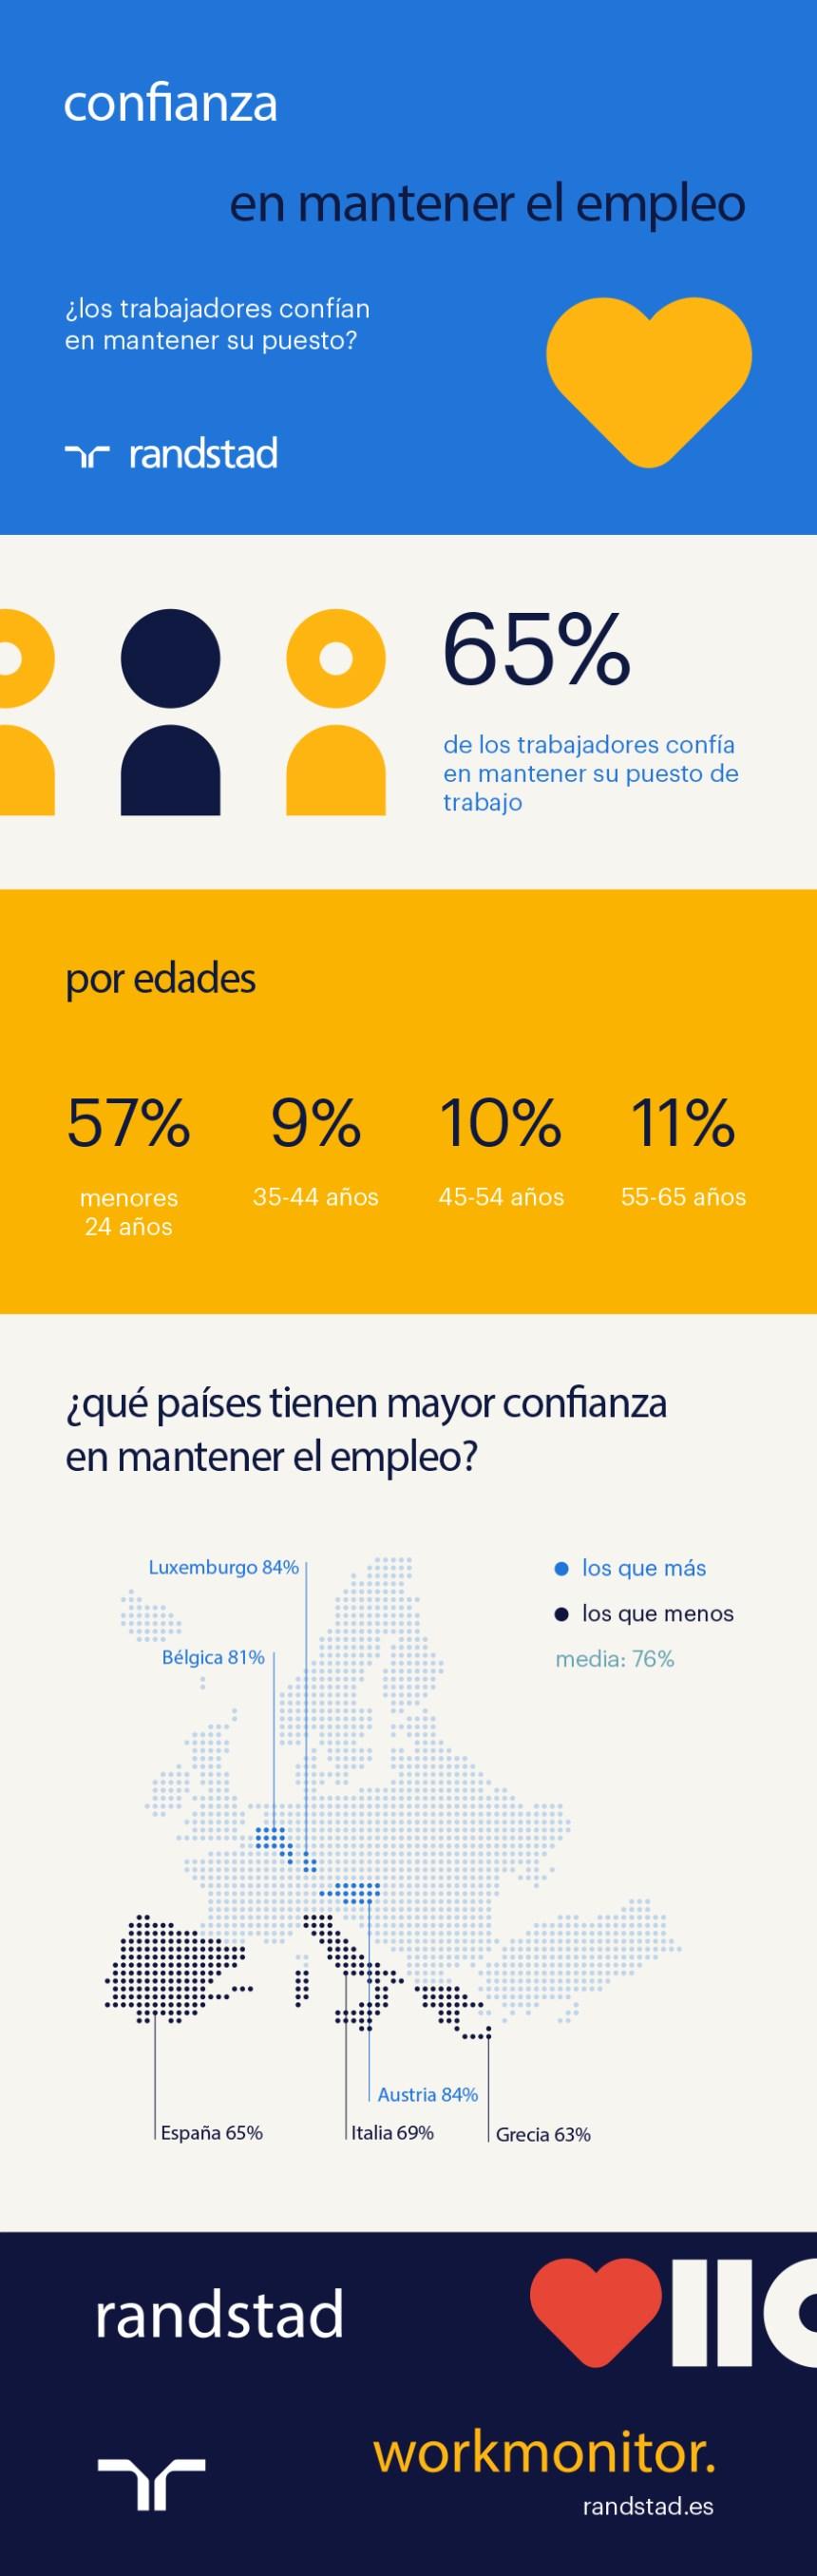 ¿Los trabajadores confiamos en mantener nuestro puesto de trabajo? #infografia #rrhh #Empleo